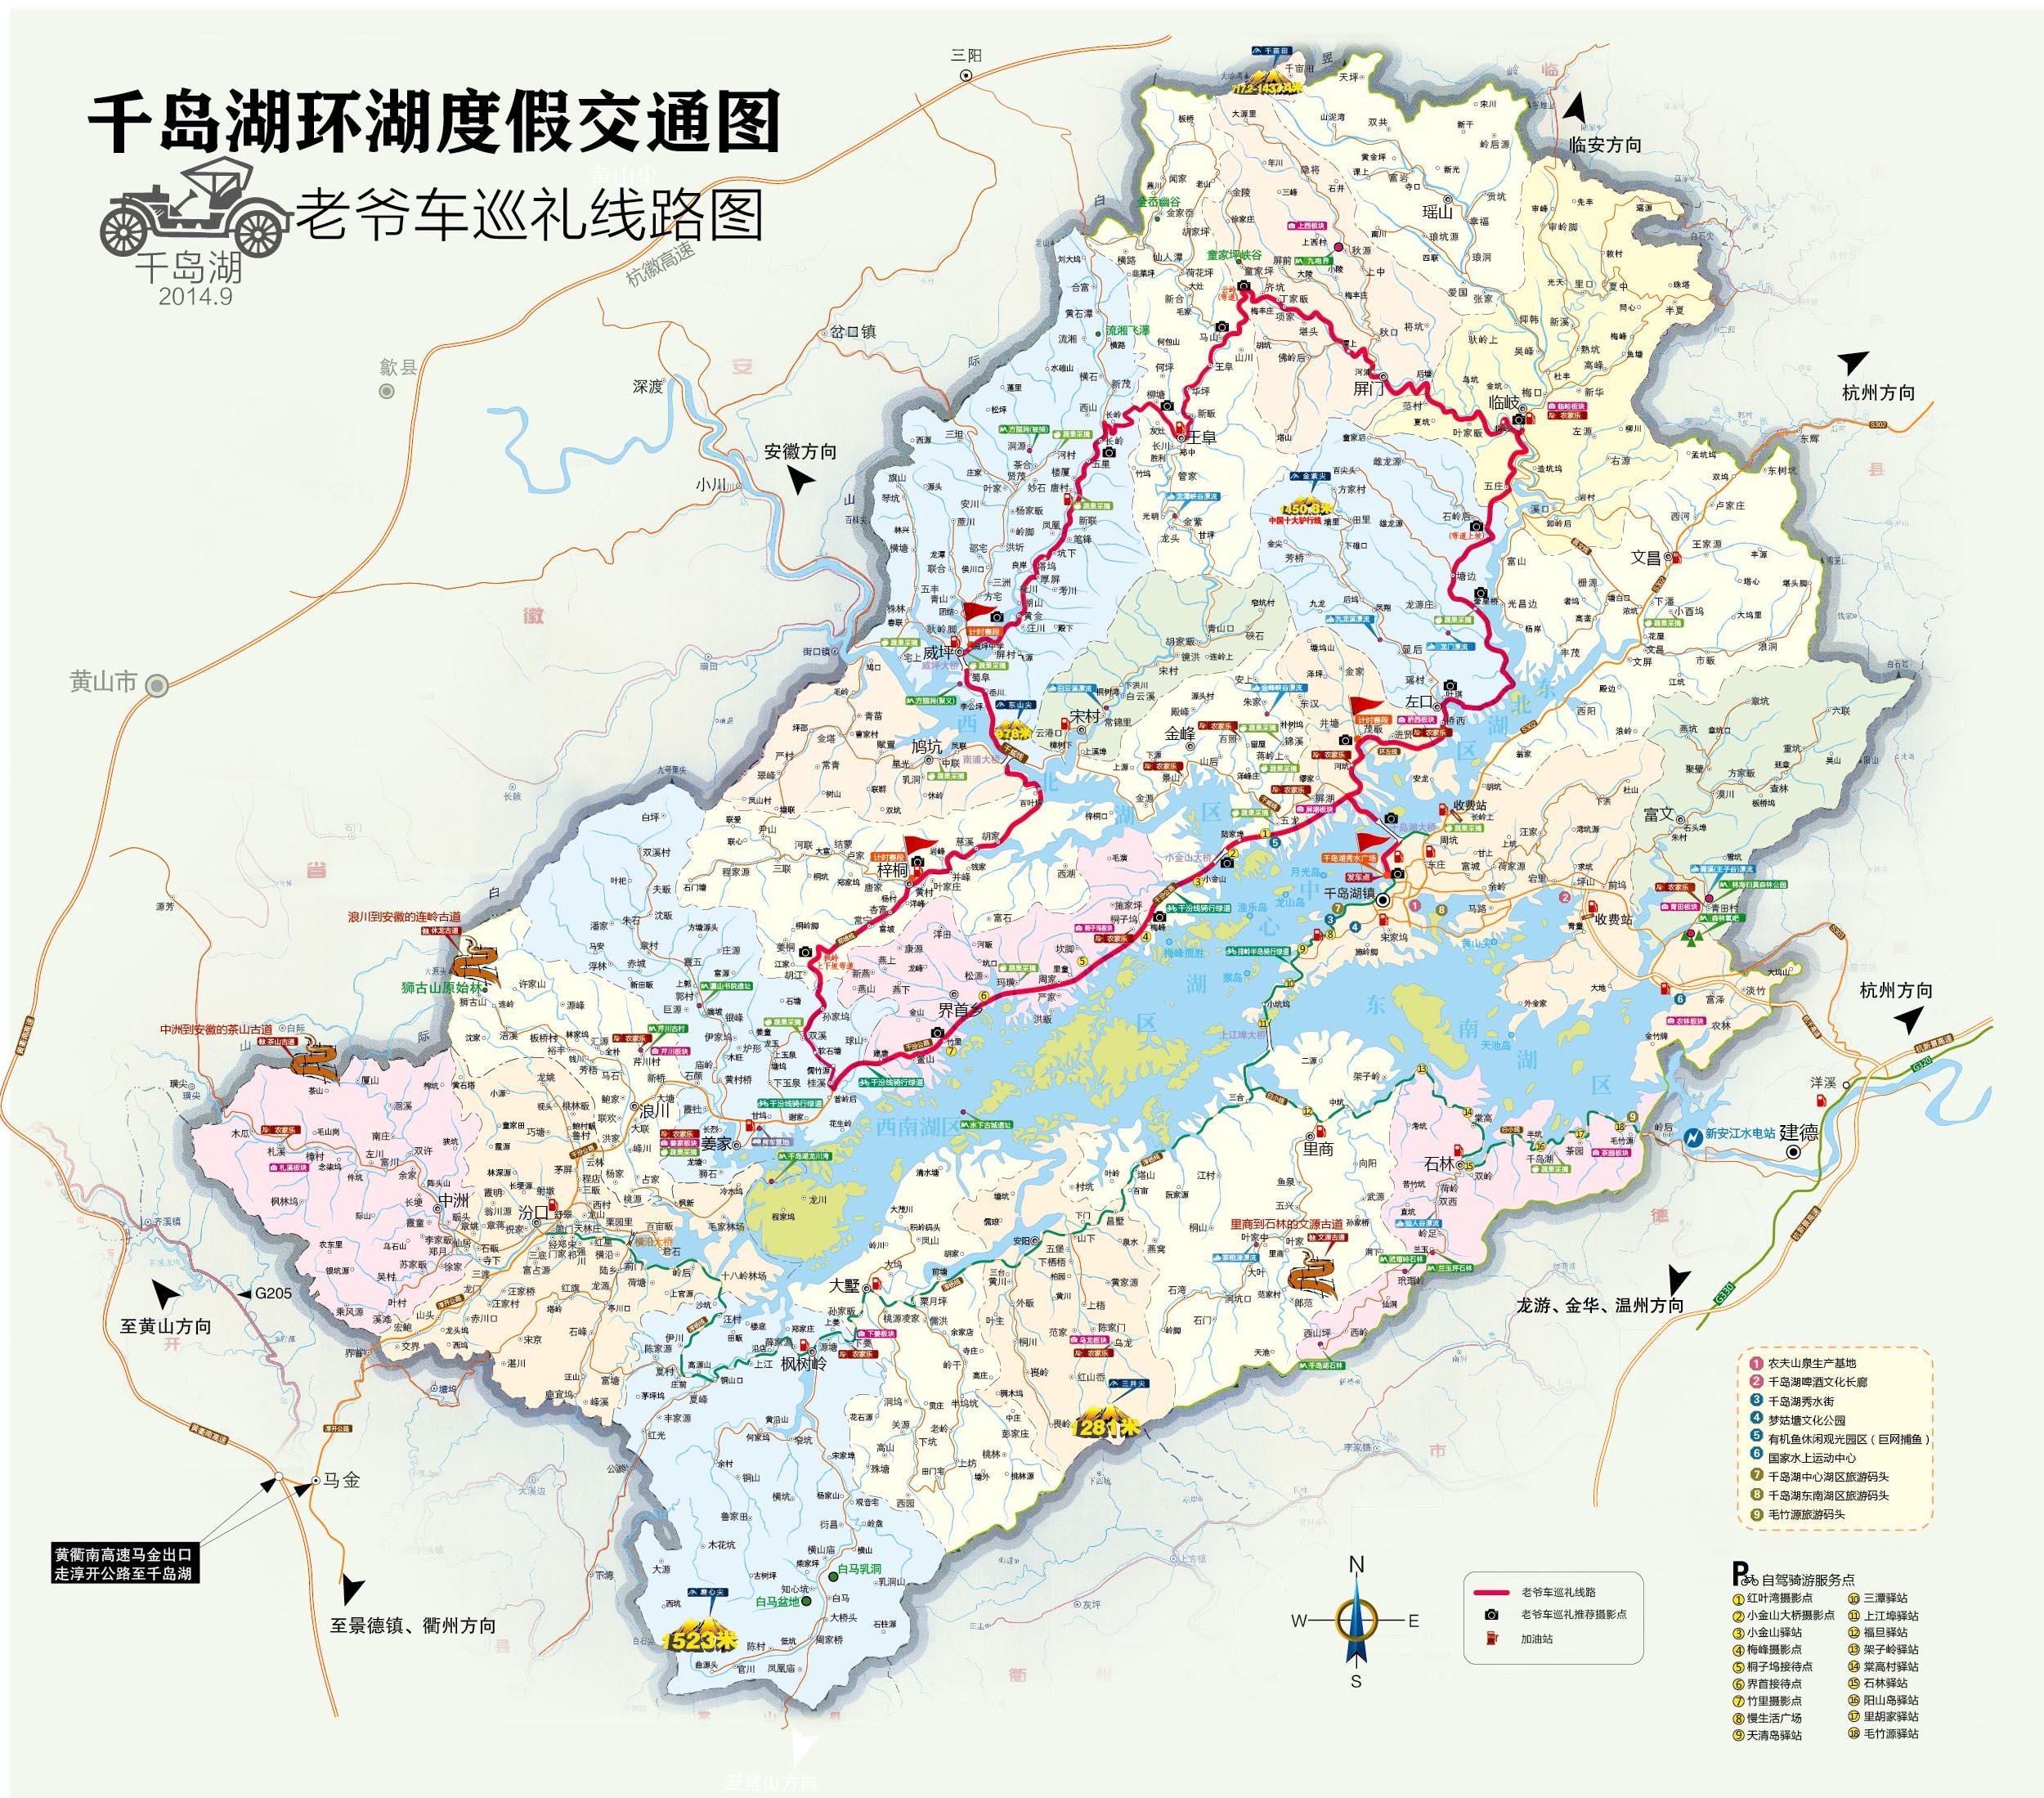 中国地图剪贴画